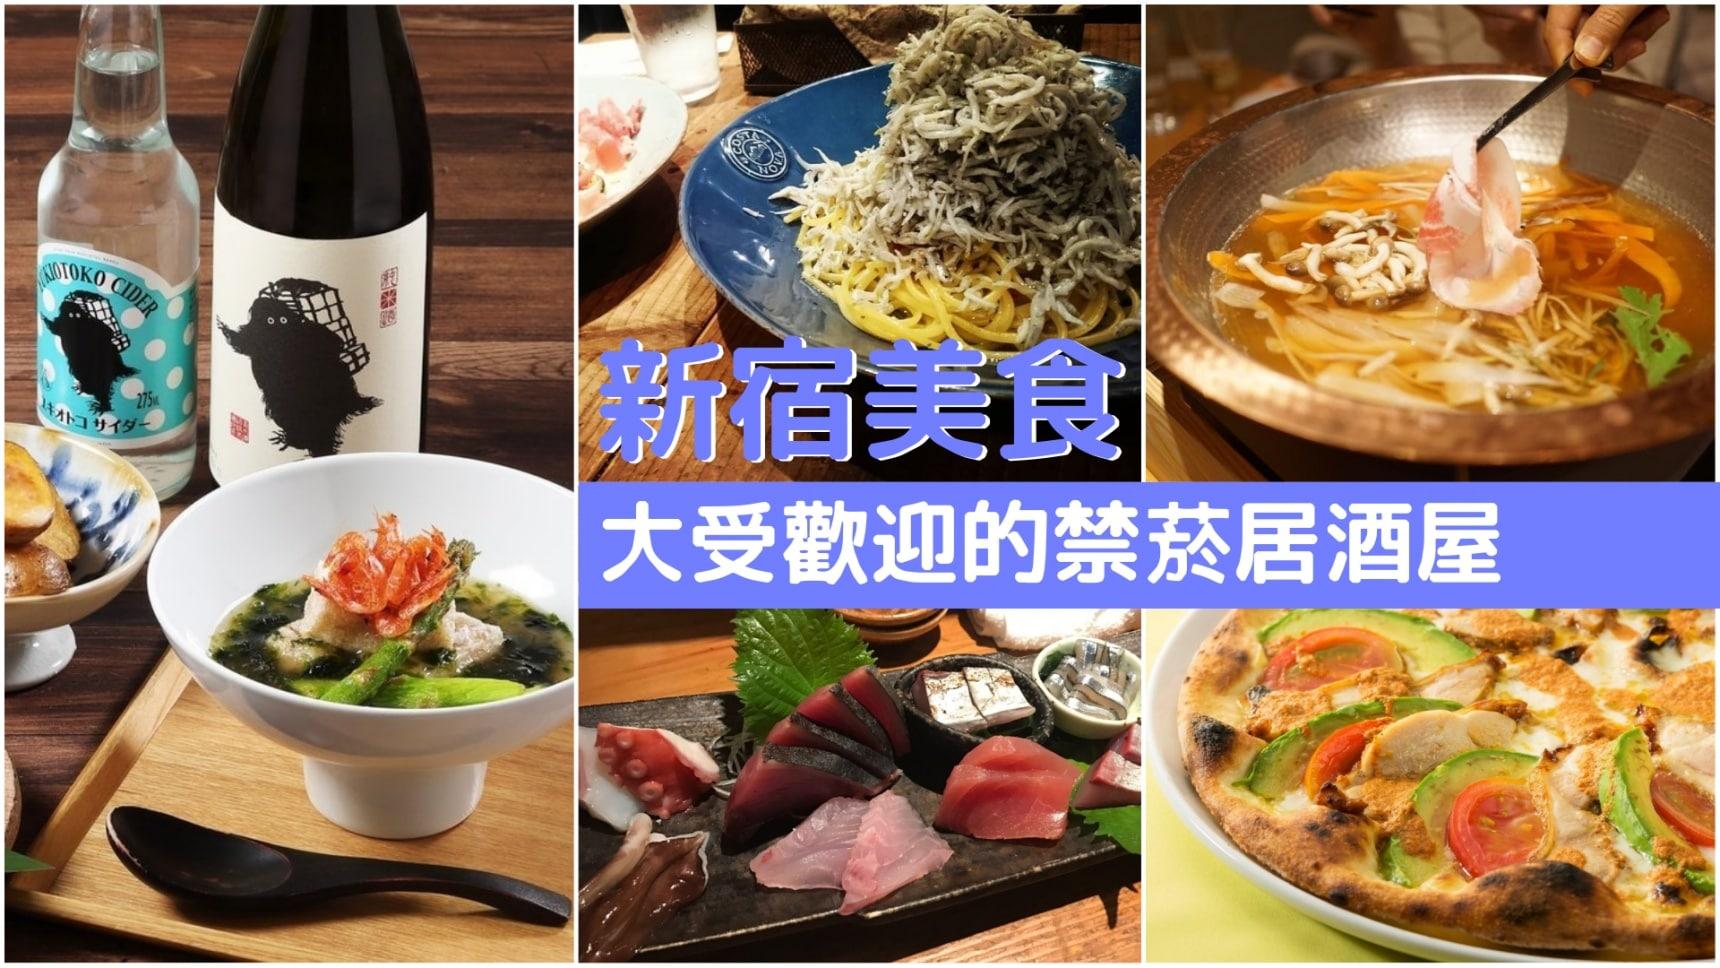 【新宿美食】當地也大受歡迎!8間全席禁菸的日本地道居酒屋